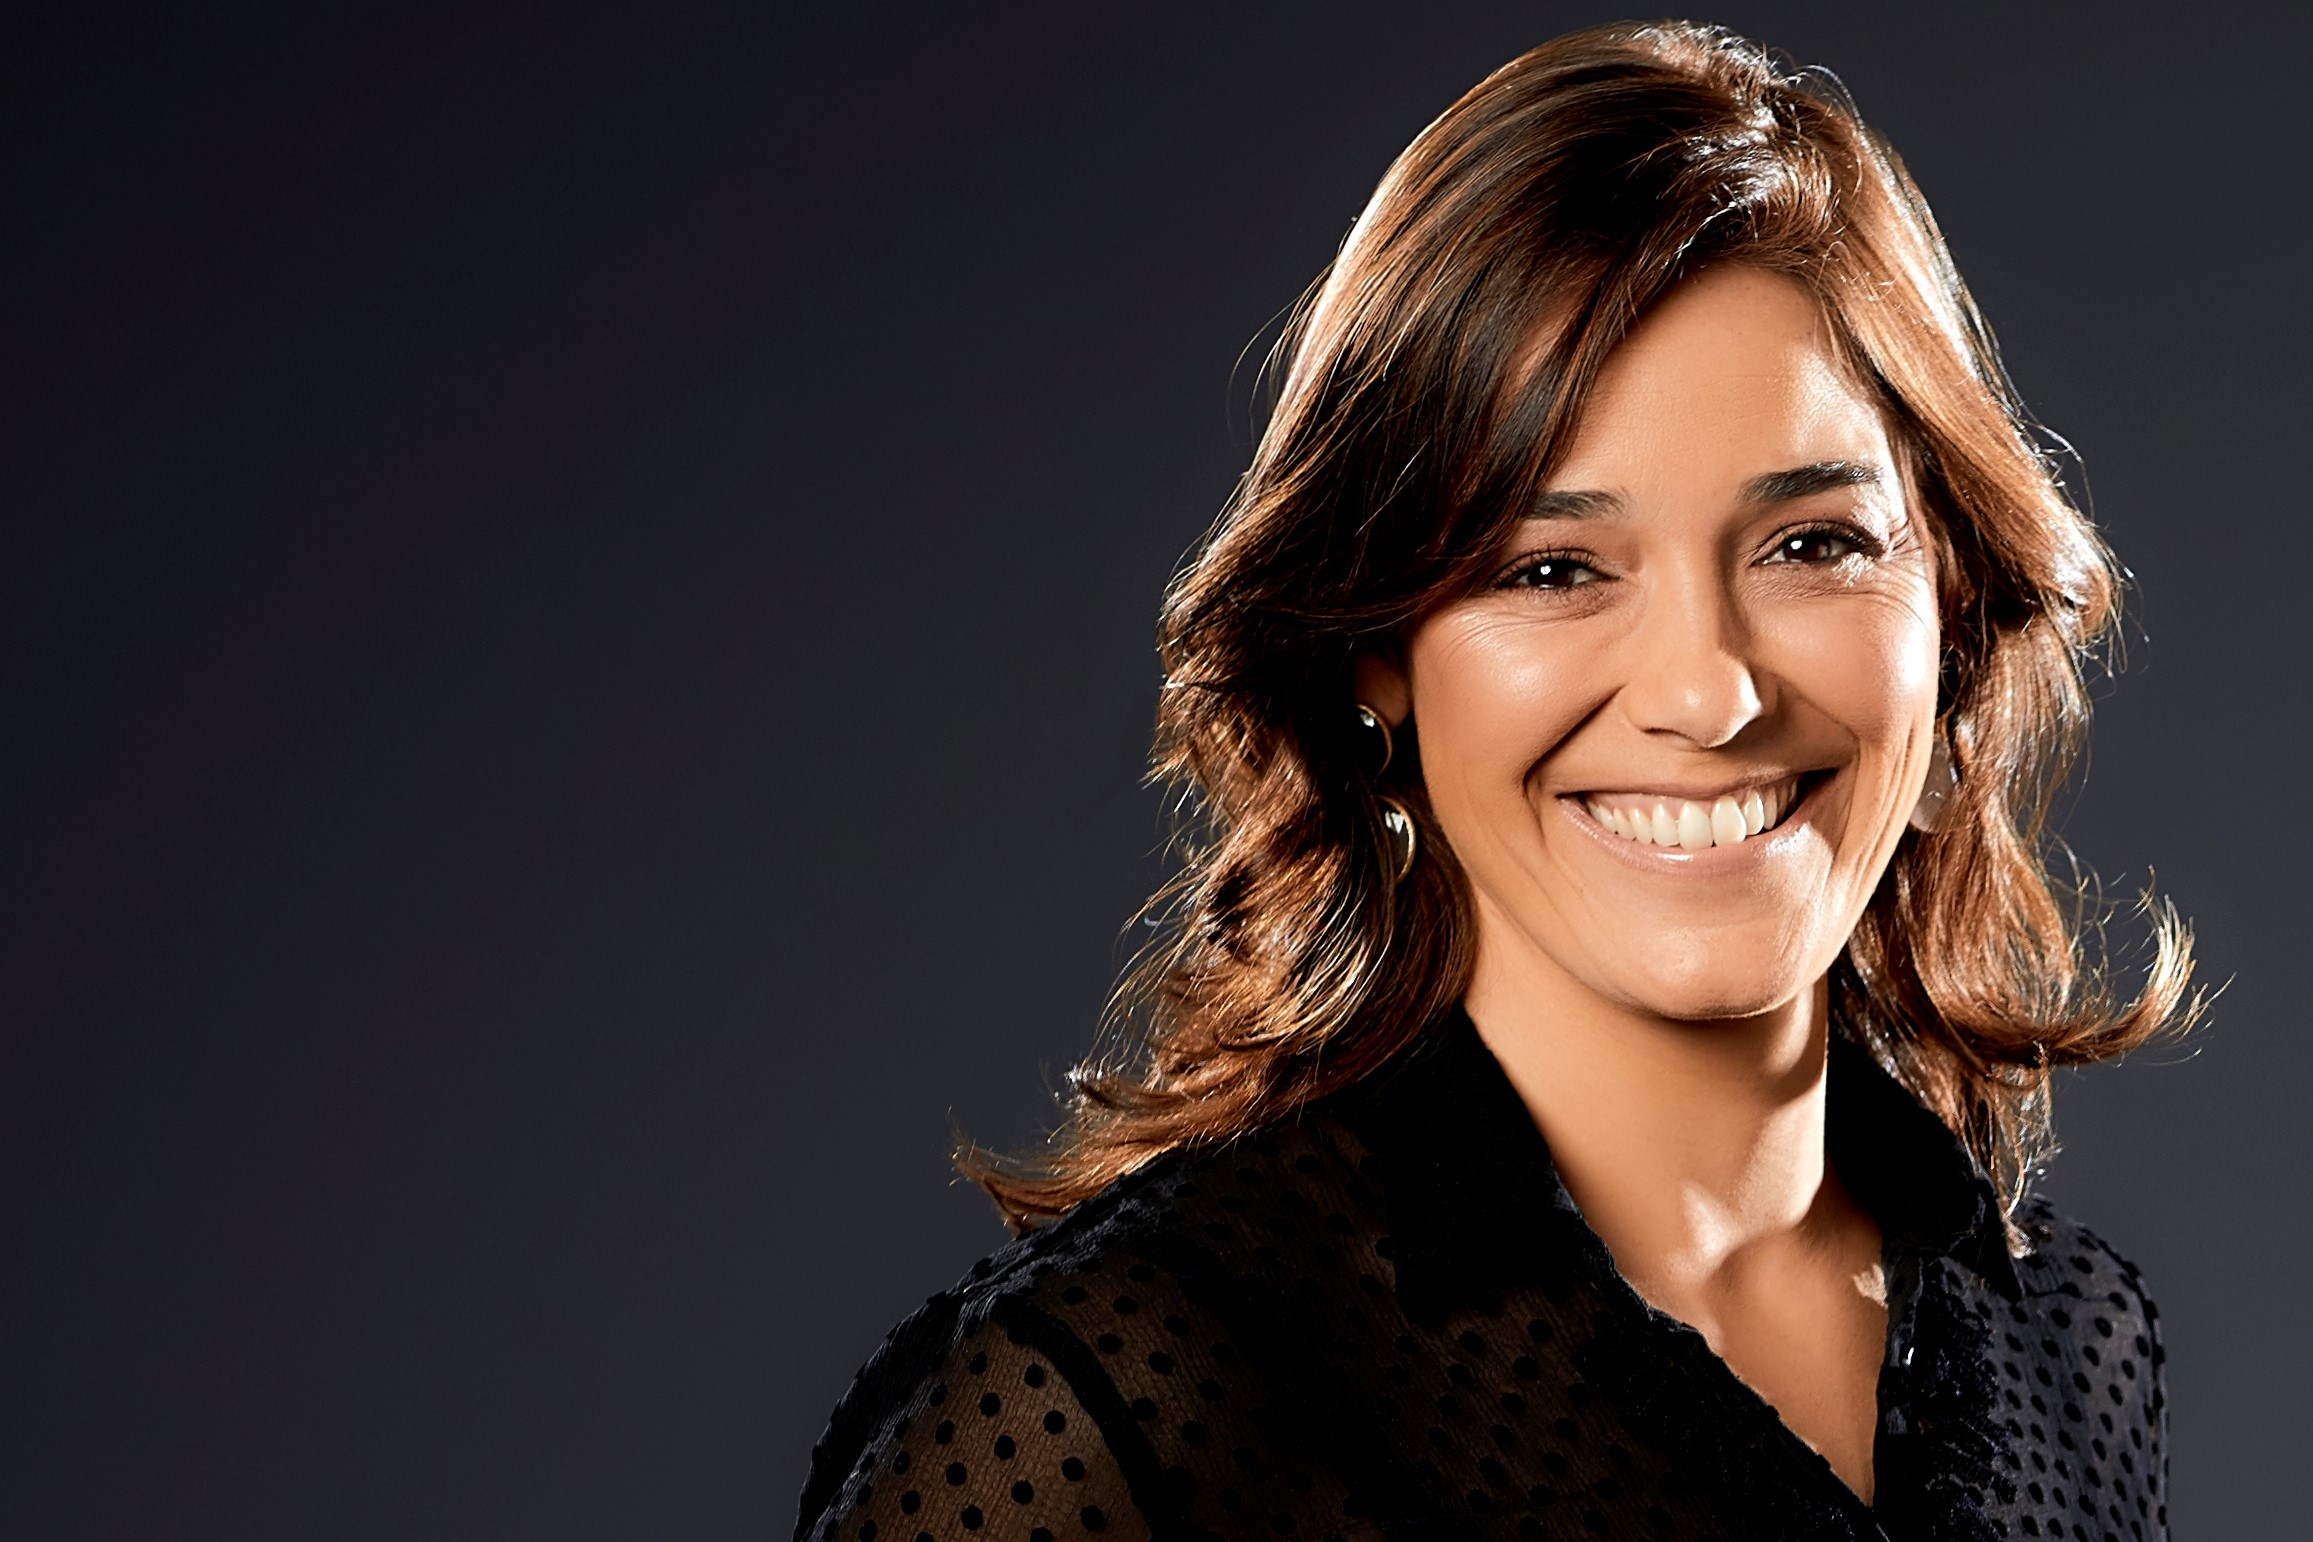 Professora Joana Serpa em entrevista exclusica ao Blog PTX